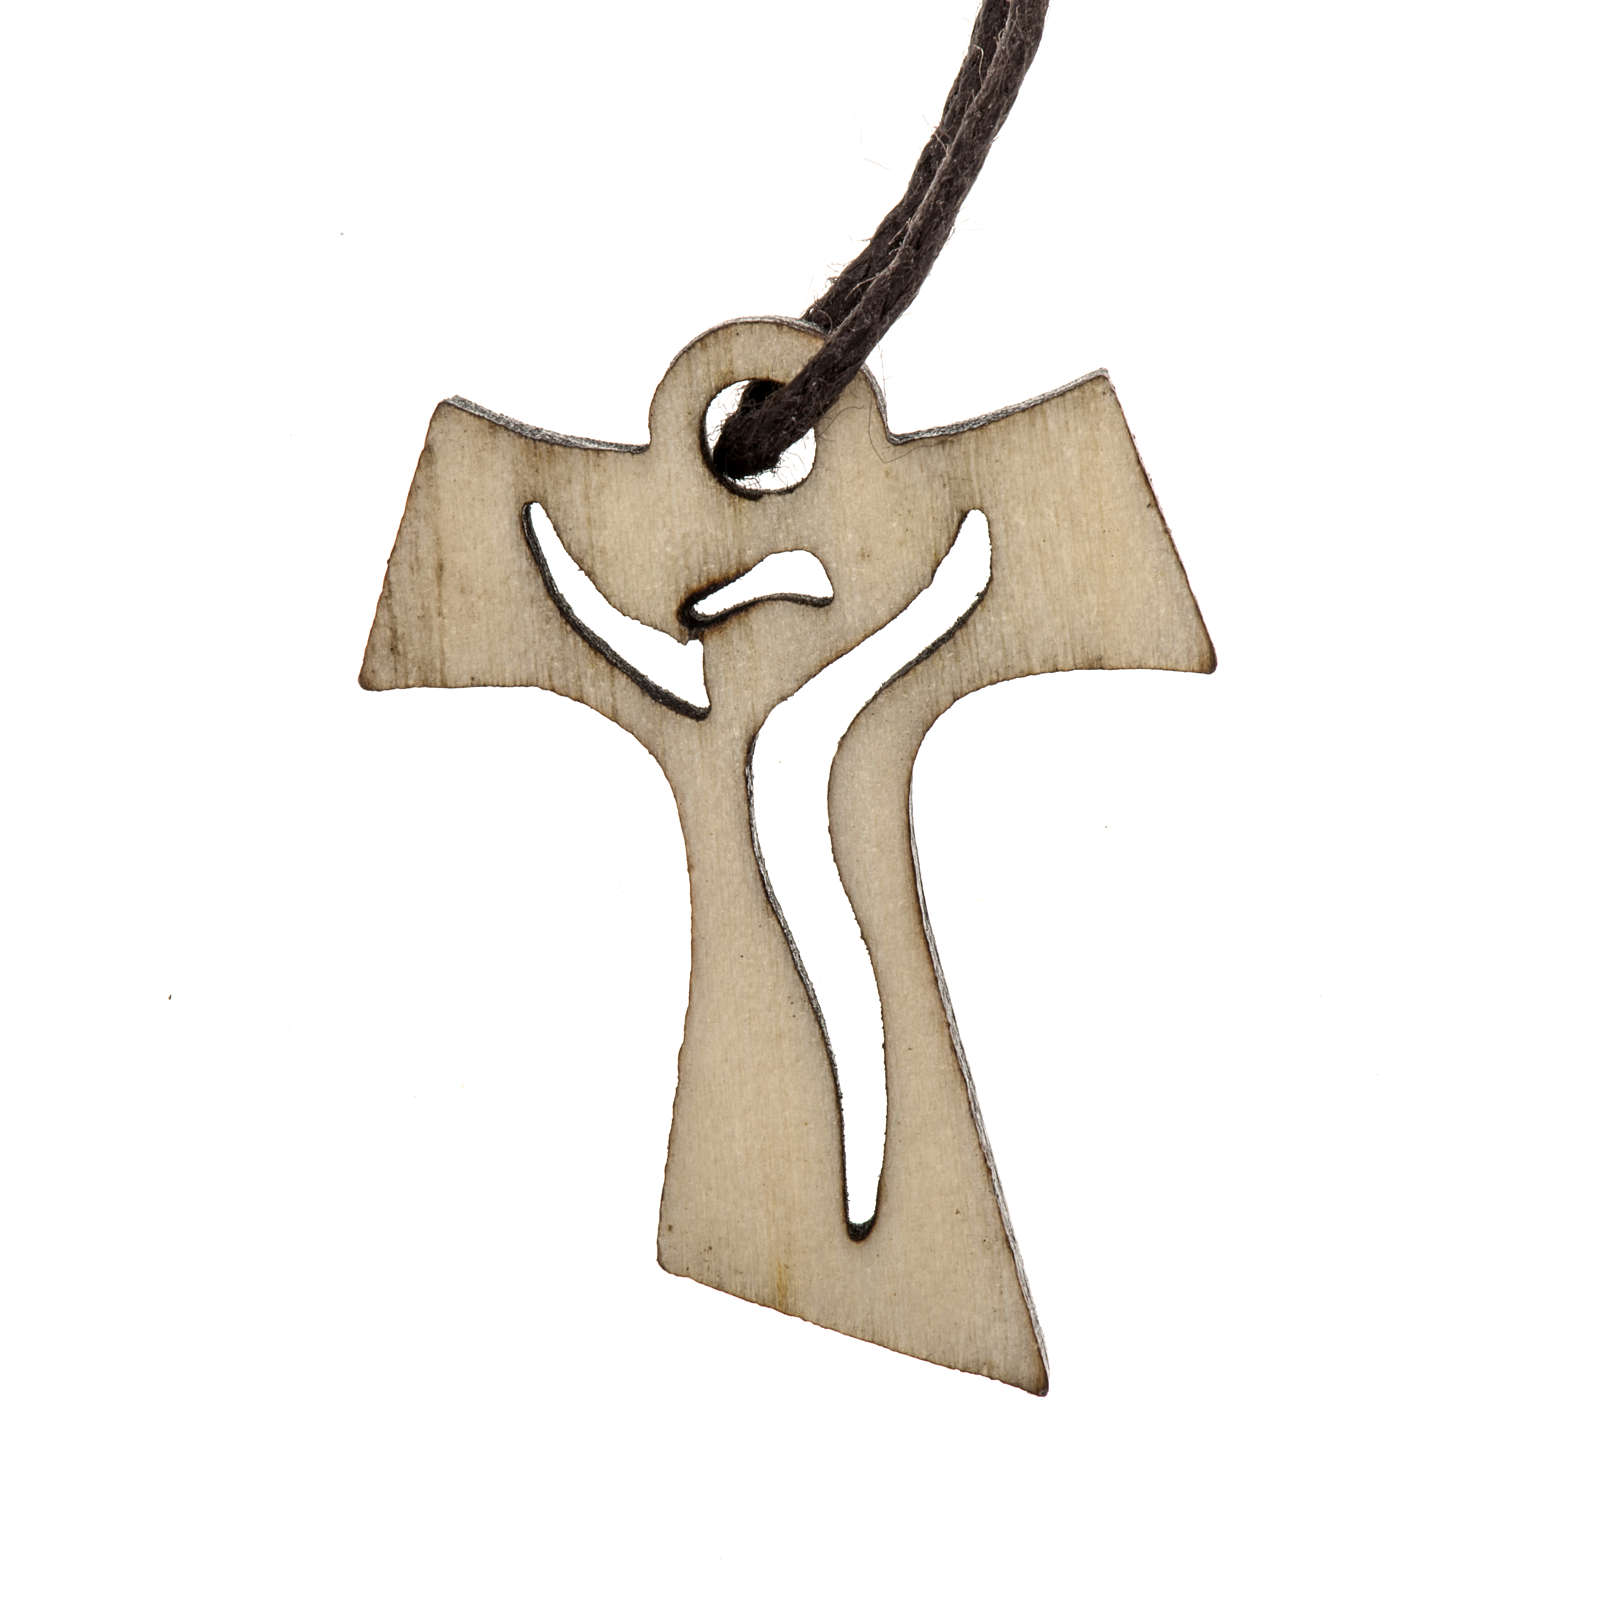 Holzkreuz für Erstkommunion in Tau-Form durchbrochen gearbeitetes Motiv Wiederauferstandener 3,3x2,4 cm 4